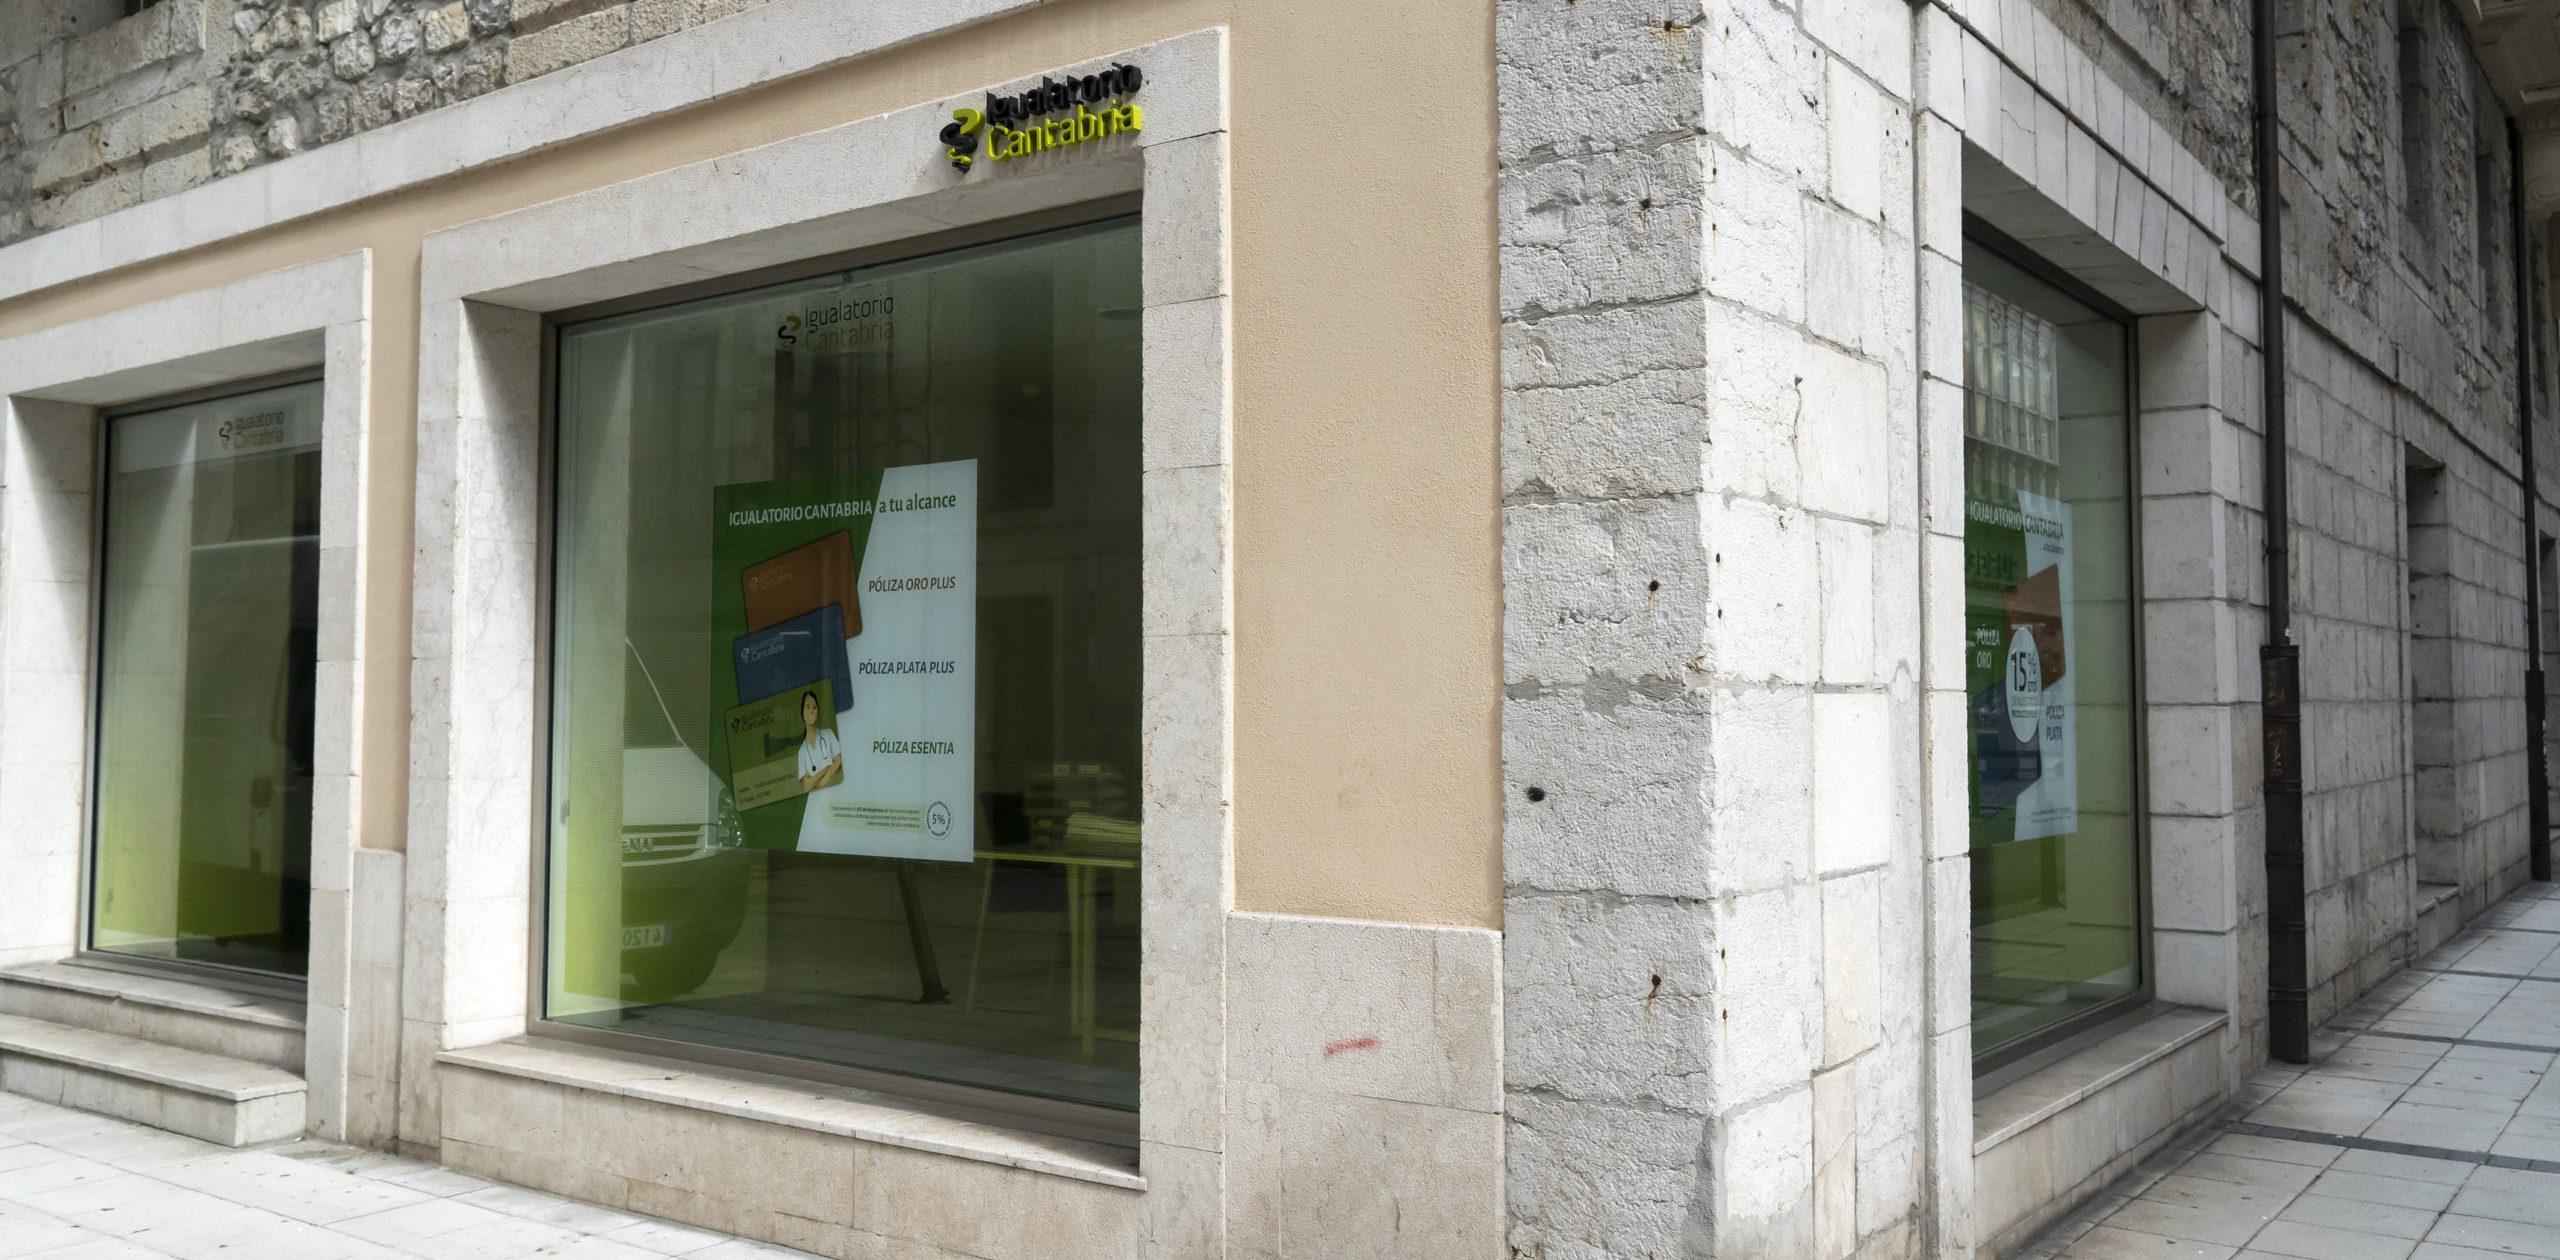 Instalaciones De La Aseguradora Igualatorio Cantabria En Santander